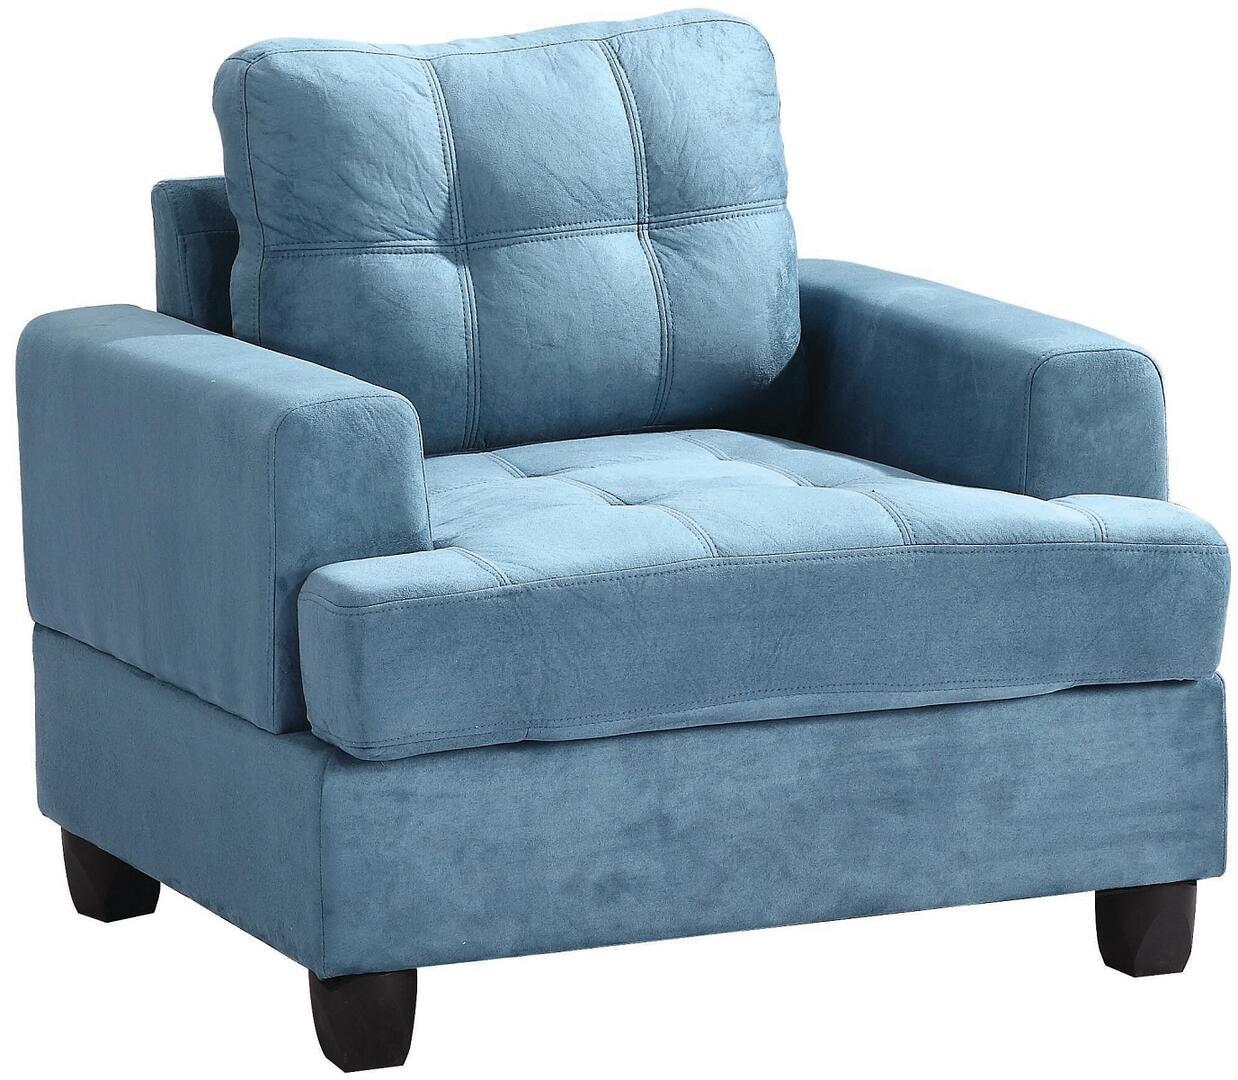 Glory Furniture G518aset Living Room Sets Appliances